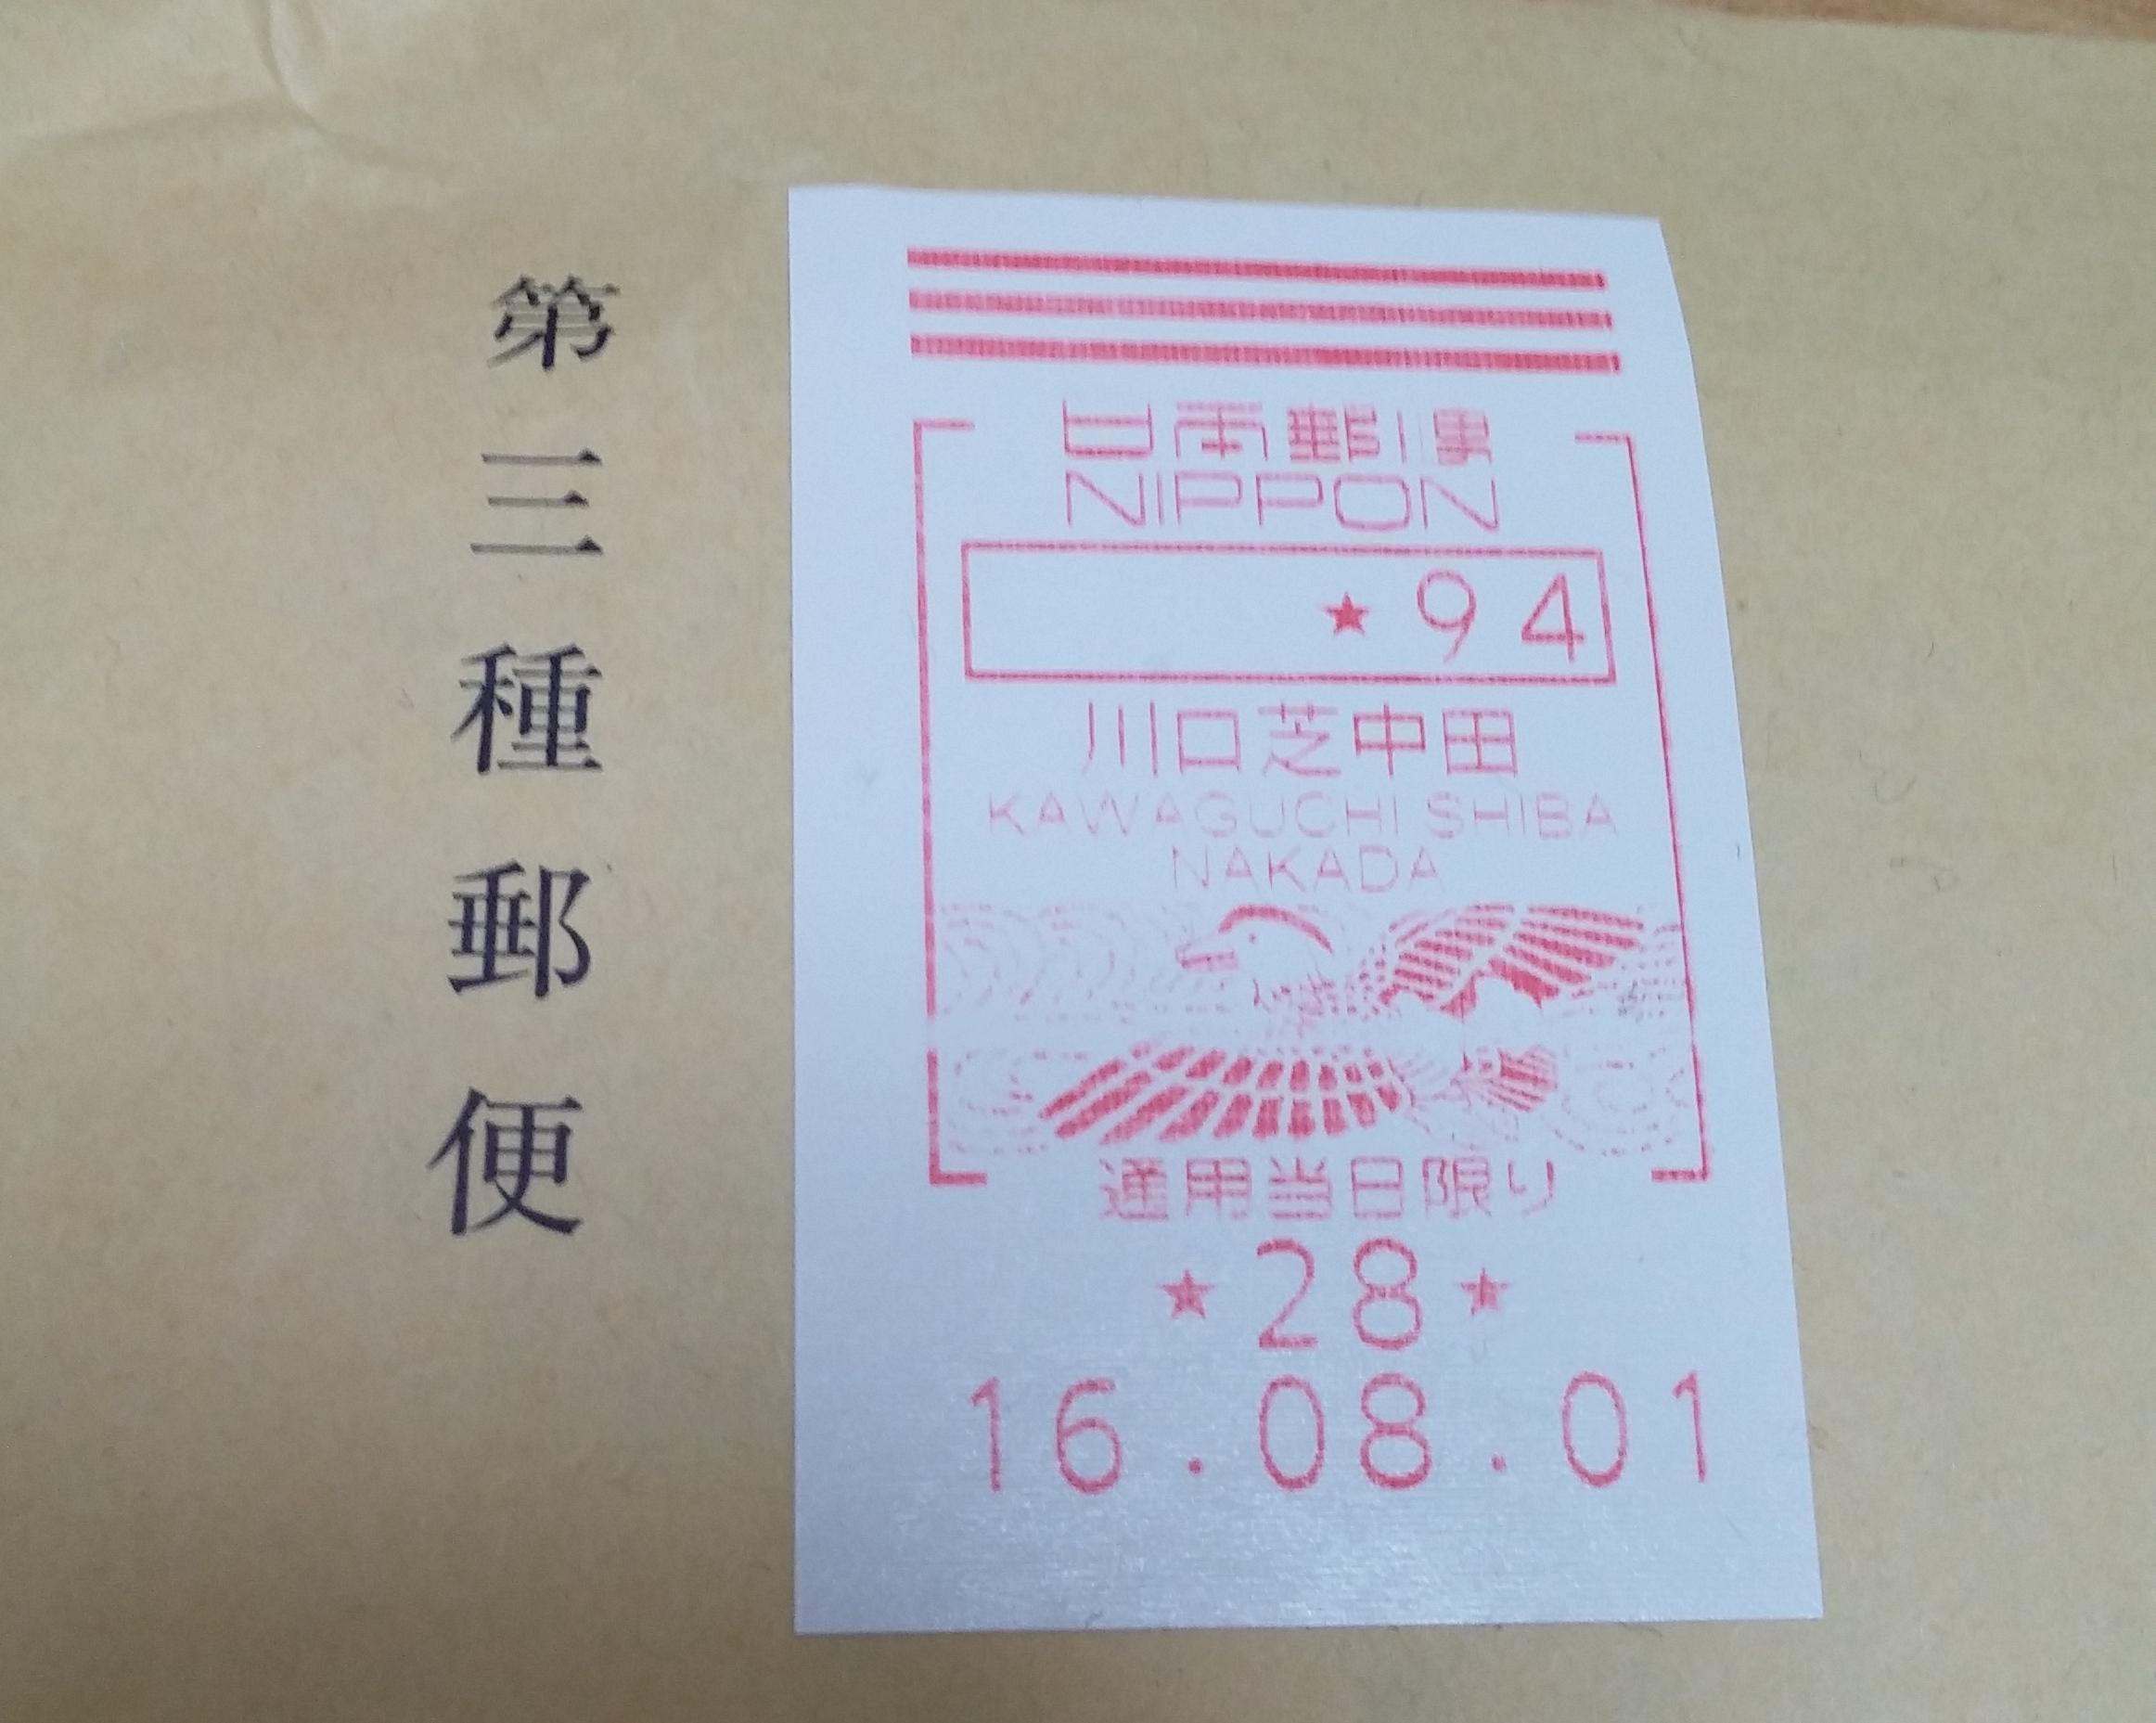 4 種 は と 第 郵便